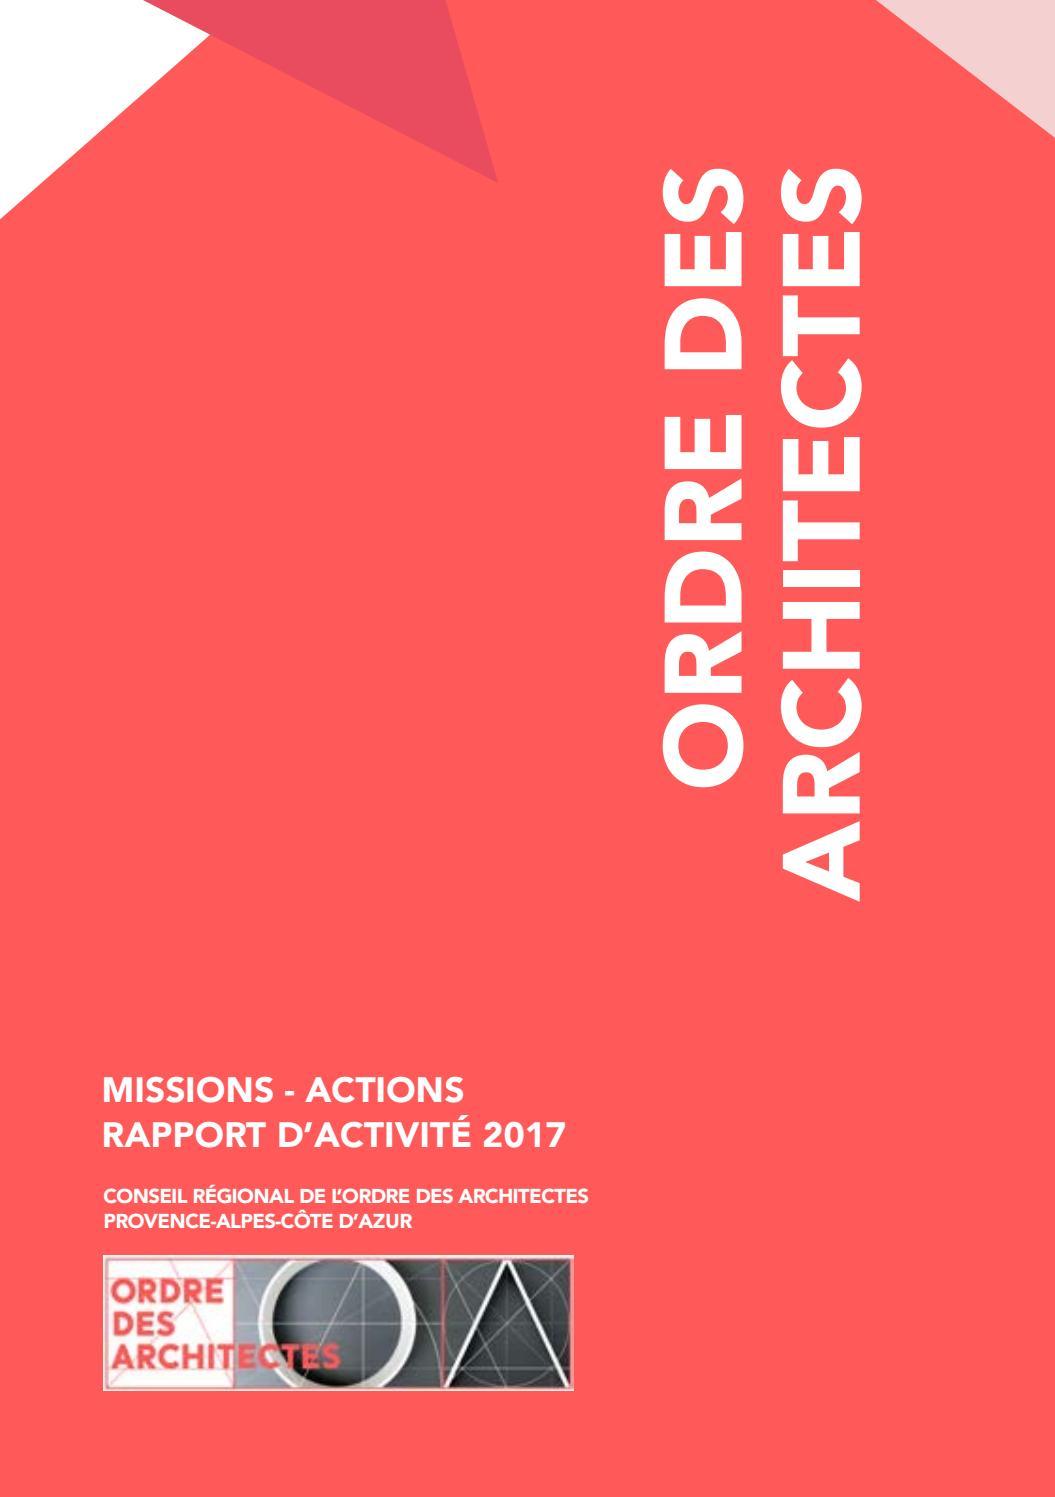 Liste Ordre Des Architectes rapport d'activité 2017ordre des architectes paca - issuu